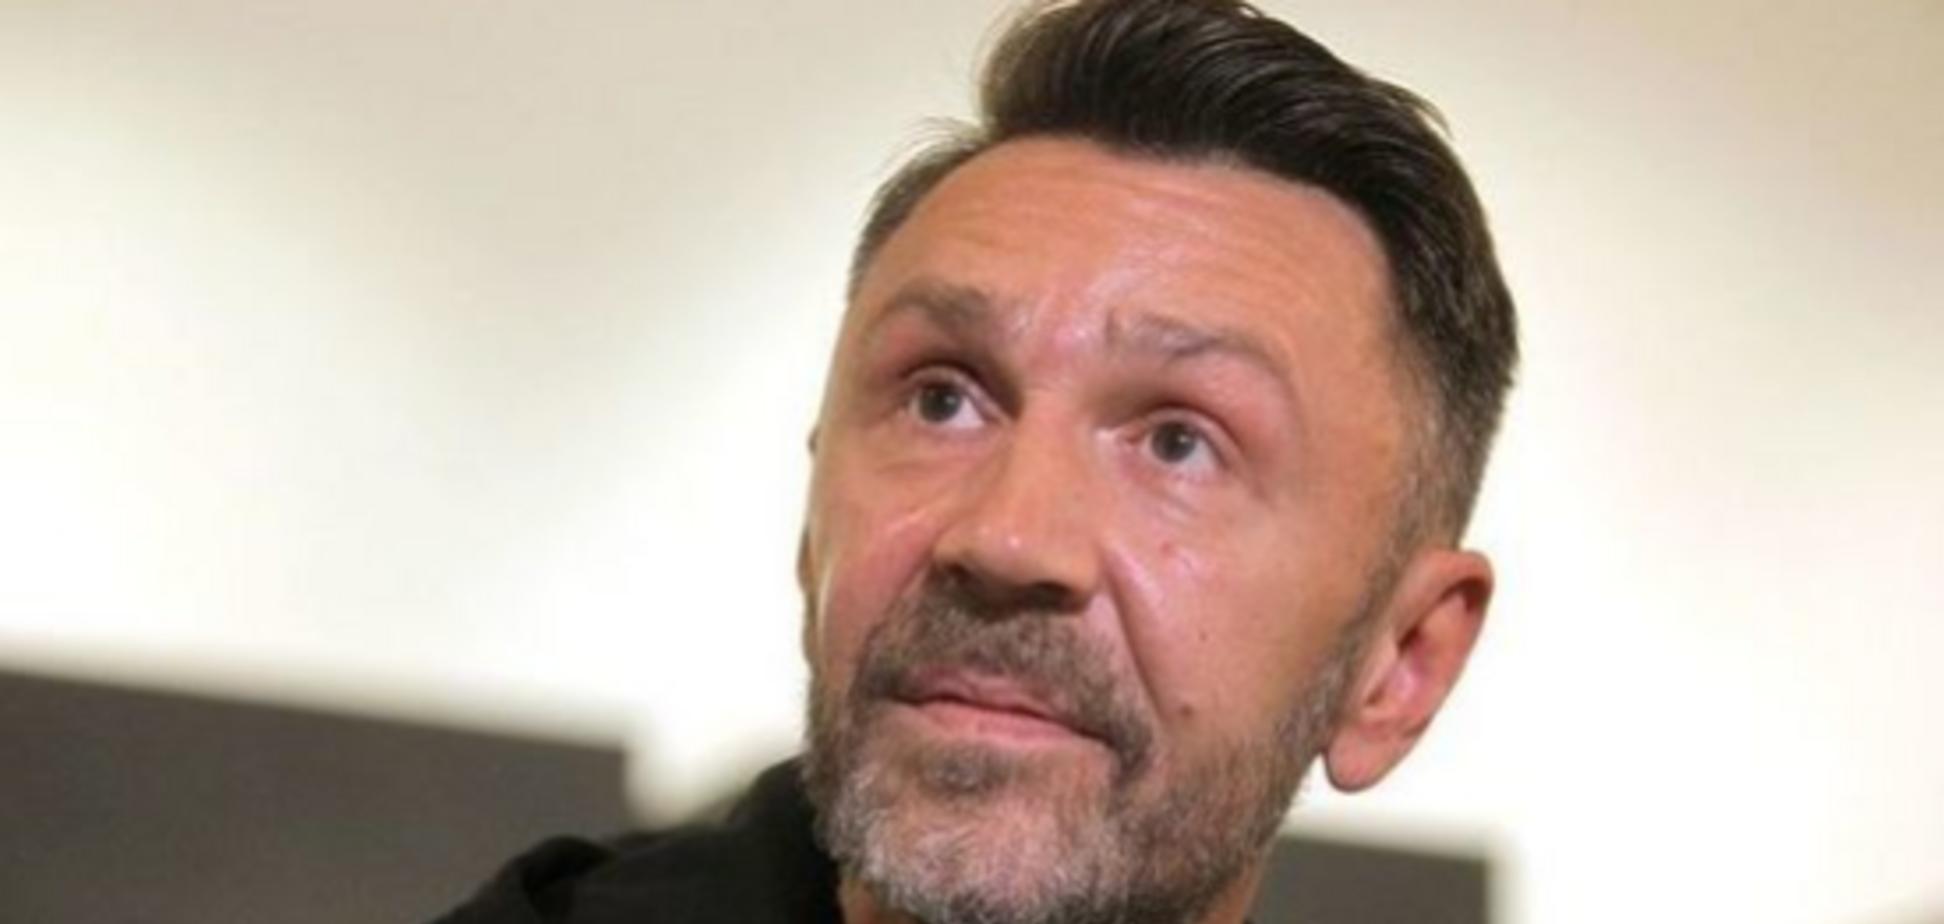 Шнуров раскритиковал звезд, агитирующих за поправки в Конституцию РФ